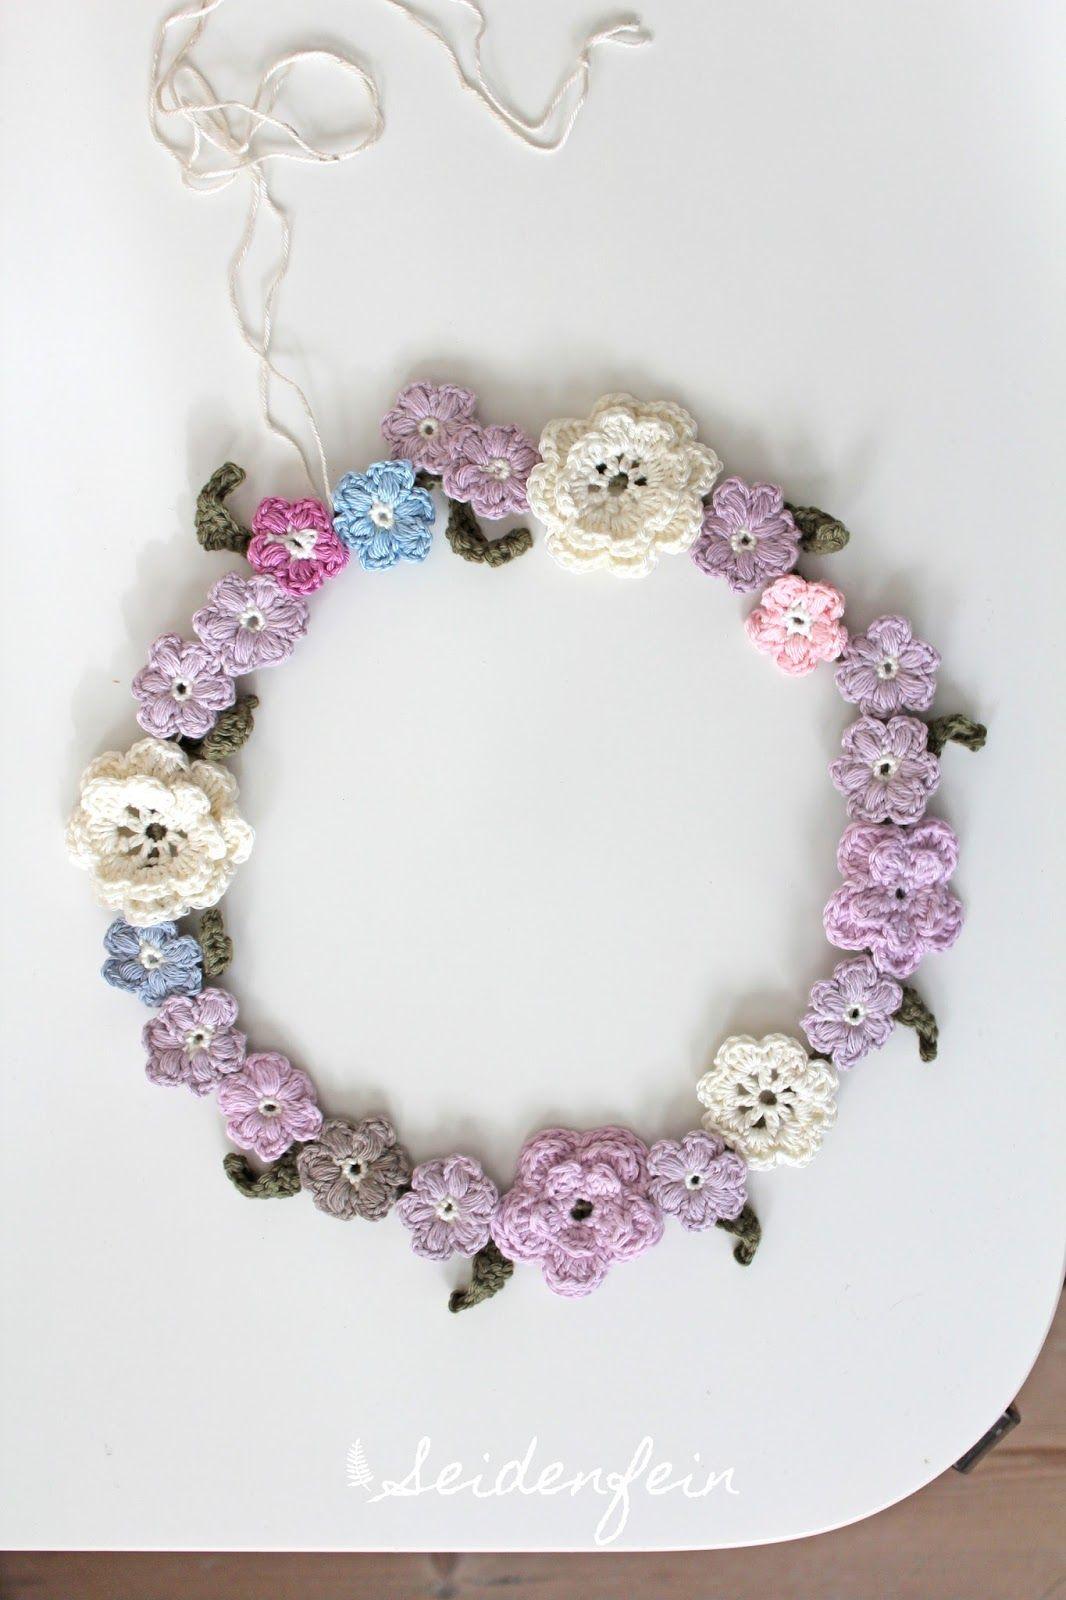 Blümchenkranz – gehäkelt * crocheting a flowerwreath * Fais au crochet une couronne de fleurs